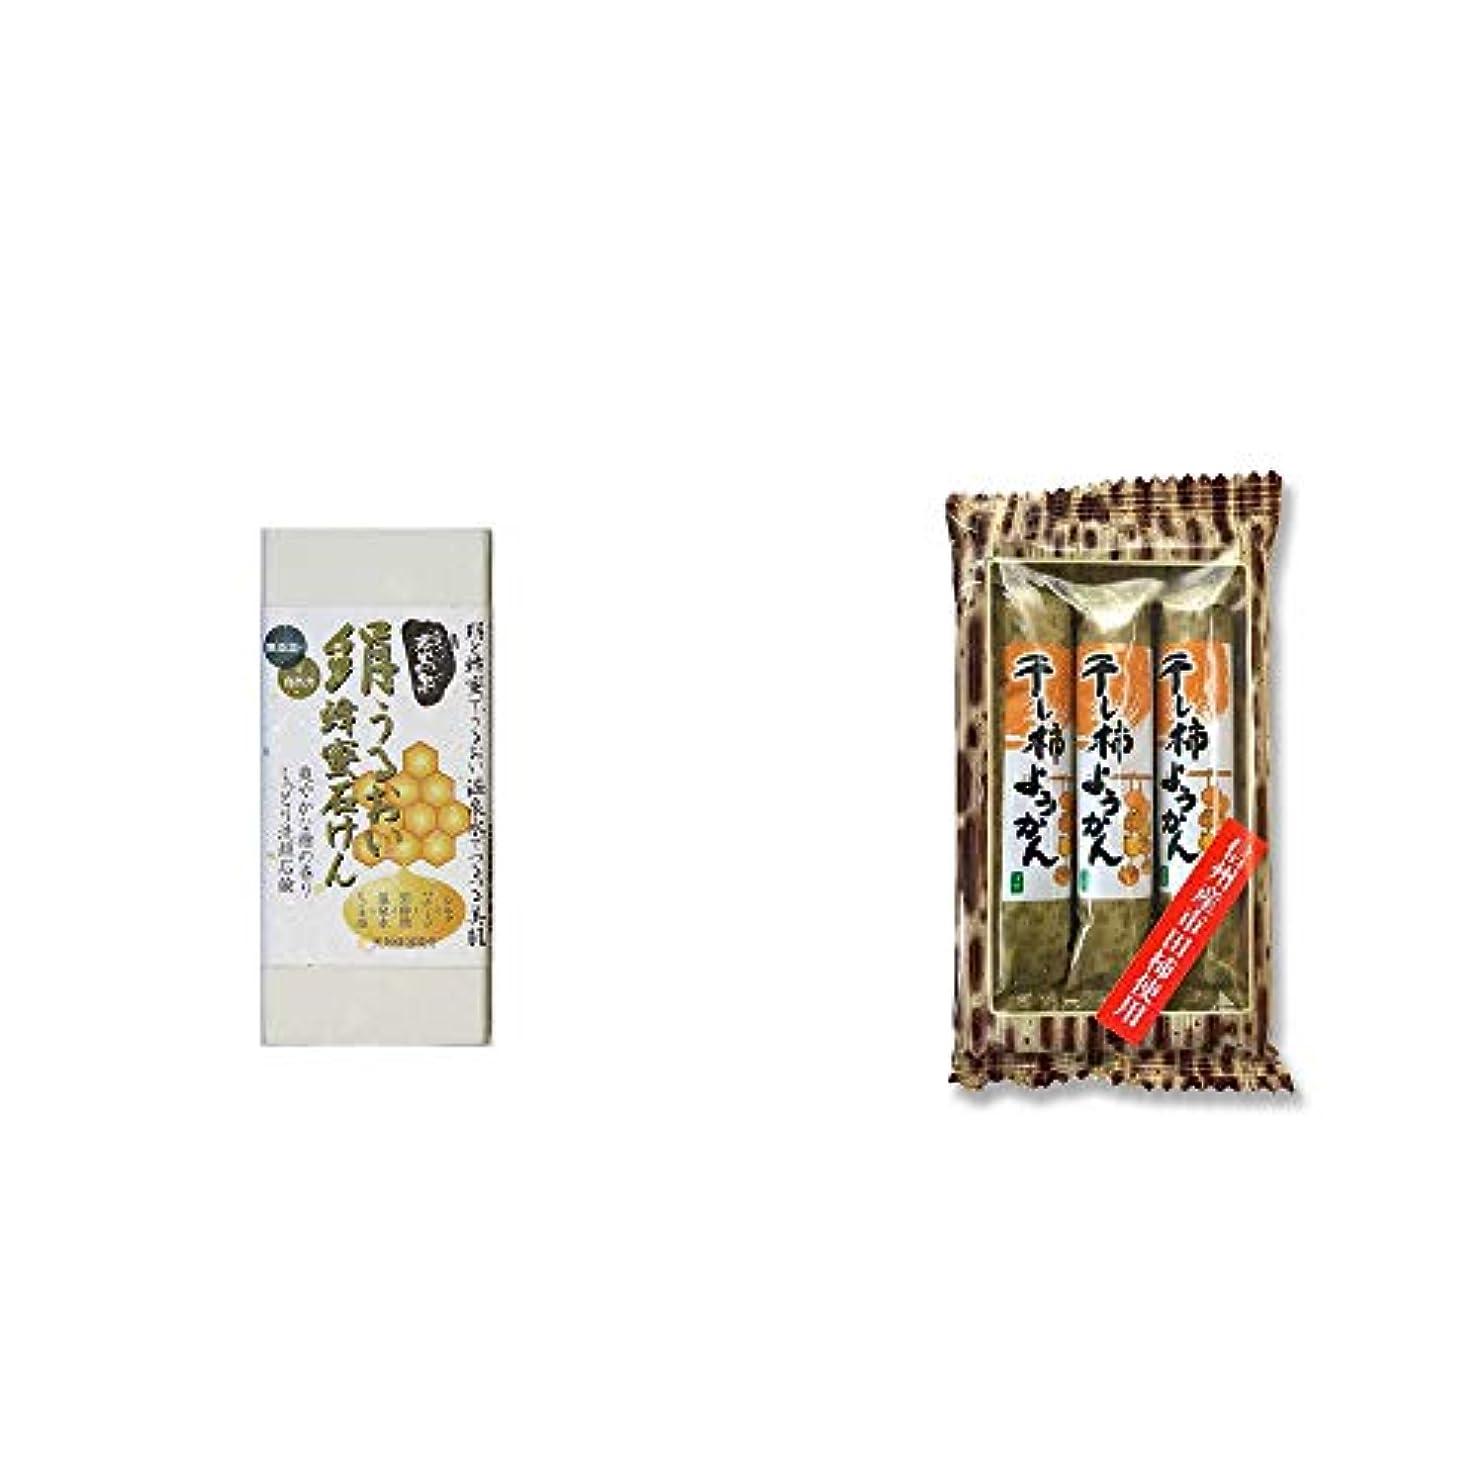 棚指使い込む[2点セット] ひのき炭黒泉 絹うるおい蜂蜜石けん(75g×2)?信州産市田柿使用 スティックようかん[柿](50g×3本)